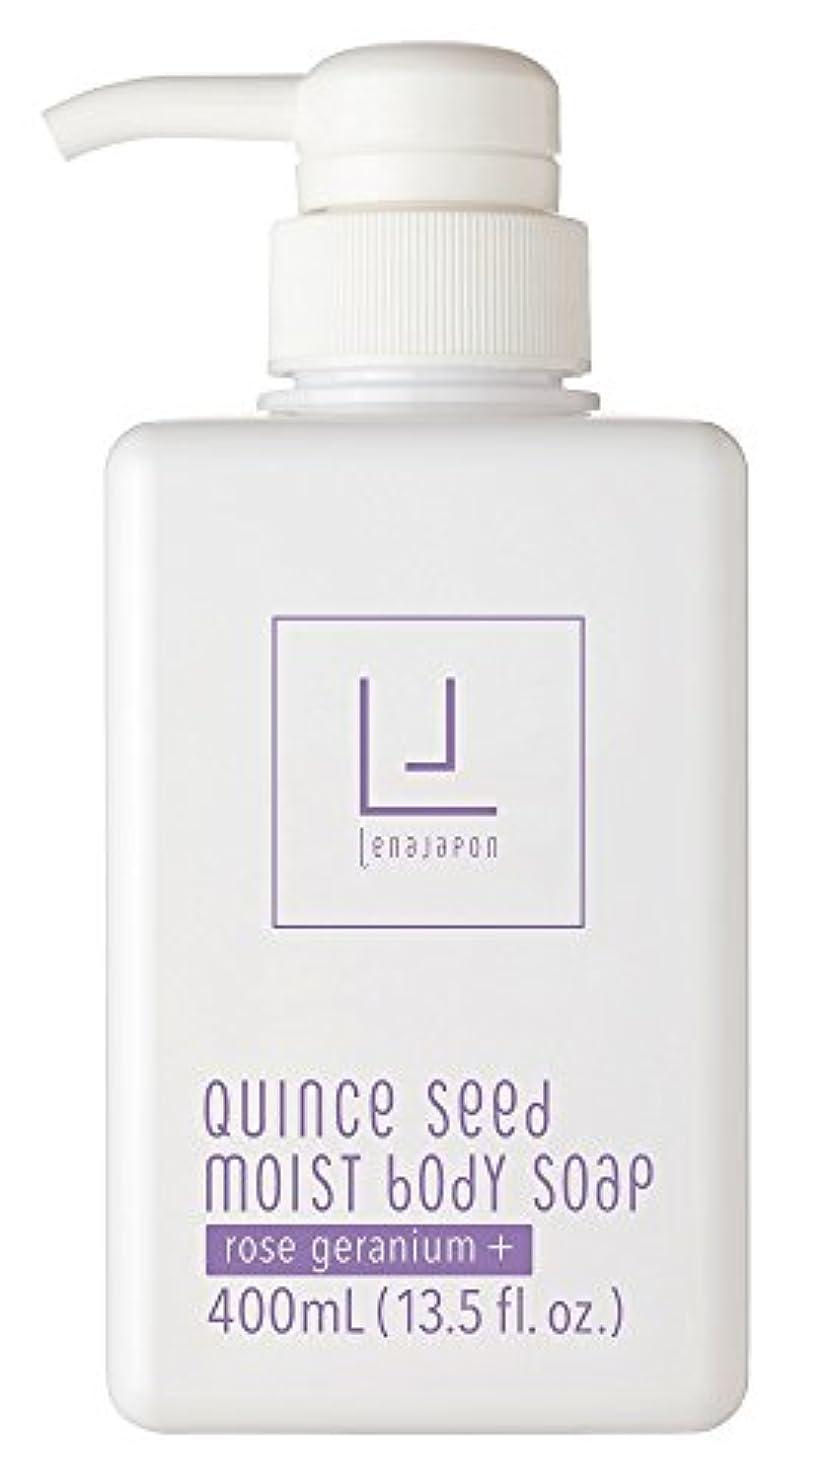 成り立つクモ予防接種するレナジャポン LJモイストボディソープ 400ml 泡立てバスリリー付き(LENAJAPON body soap[LJ MOIST BODY SOAP])